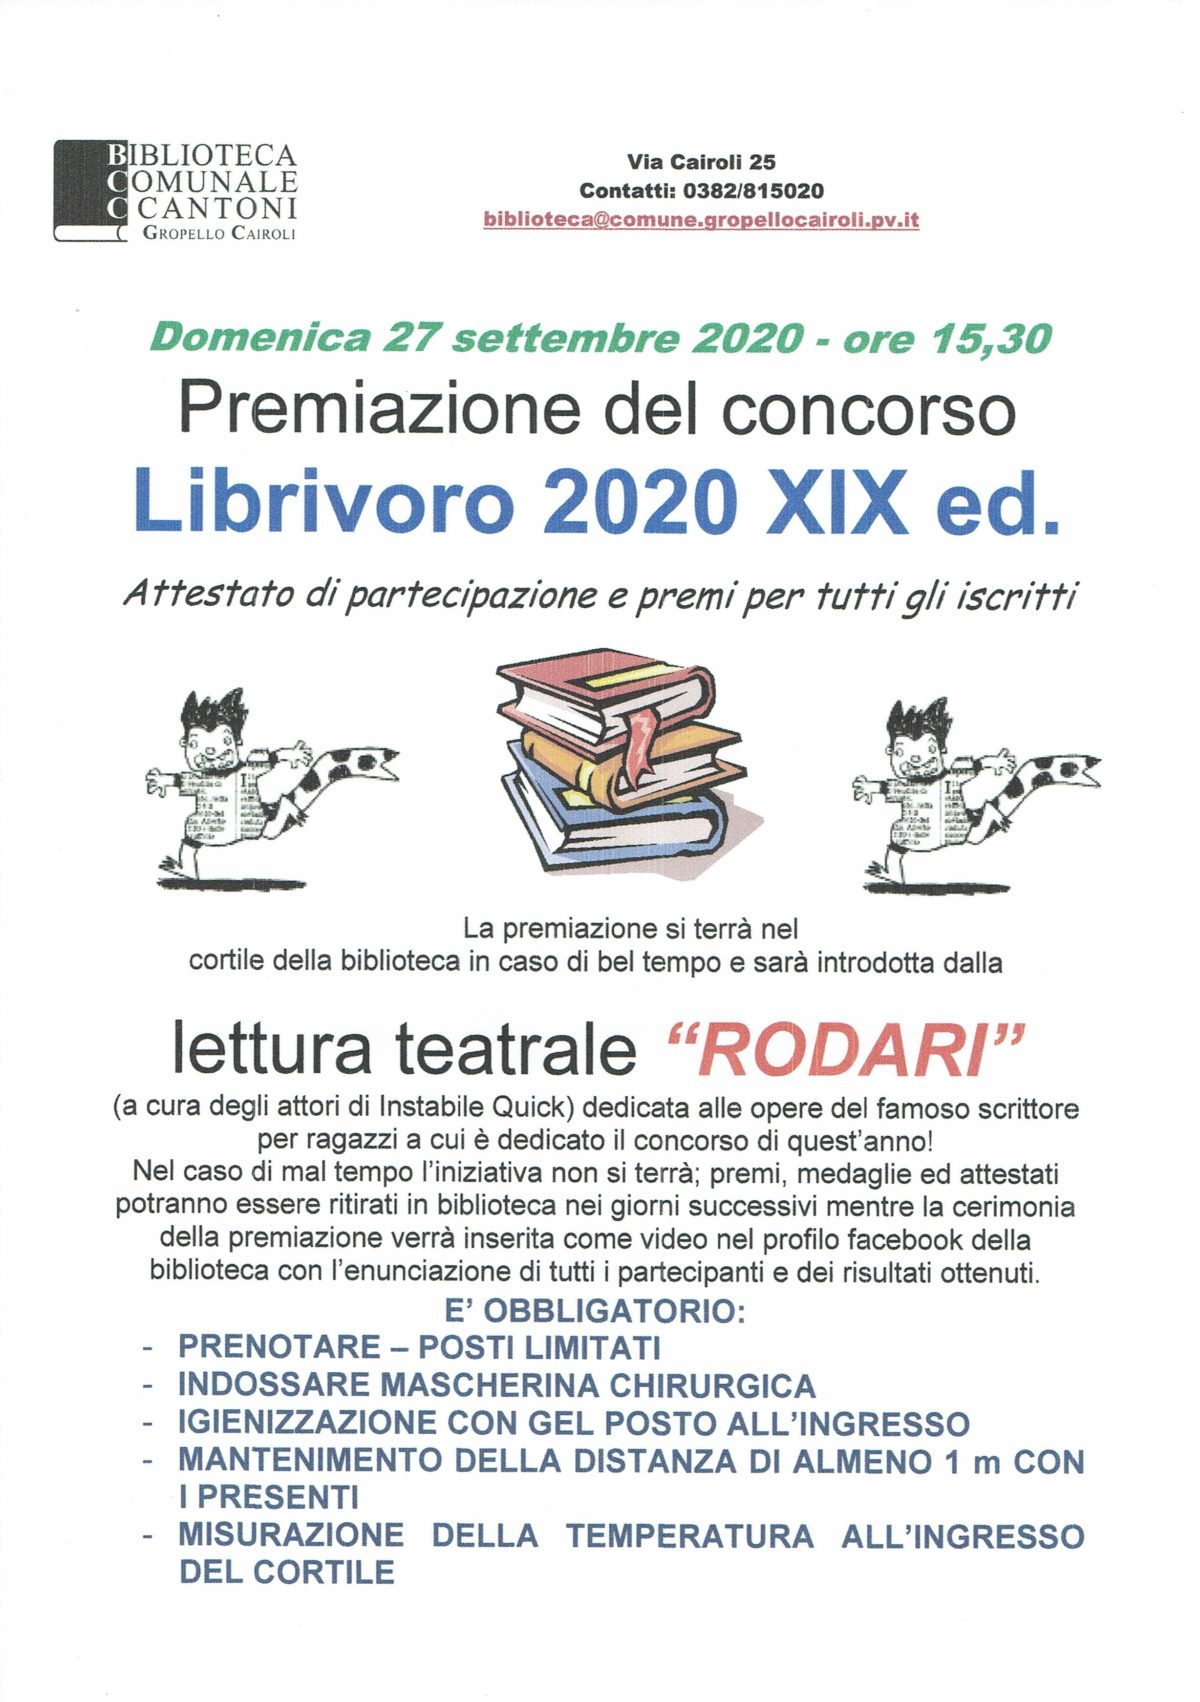 """Biblioteca: domenica 27 settembre premiazione concorso di lettura Librivoro 2020 e lettura teatrale """"Rodari"""""""